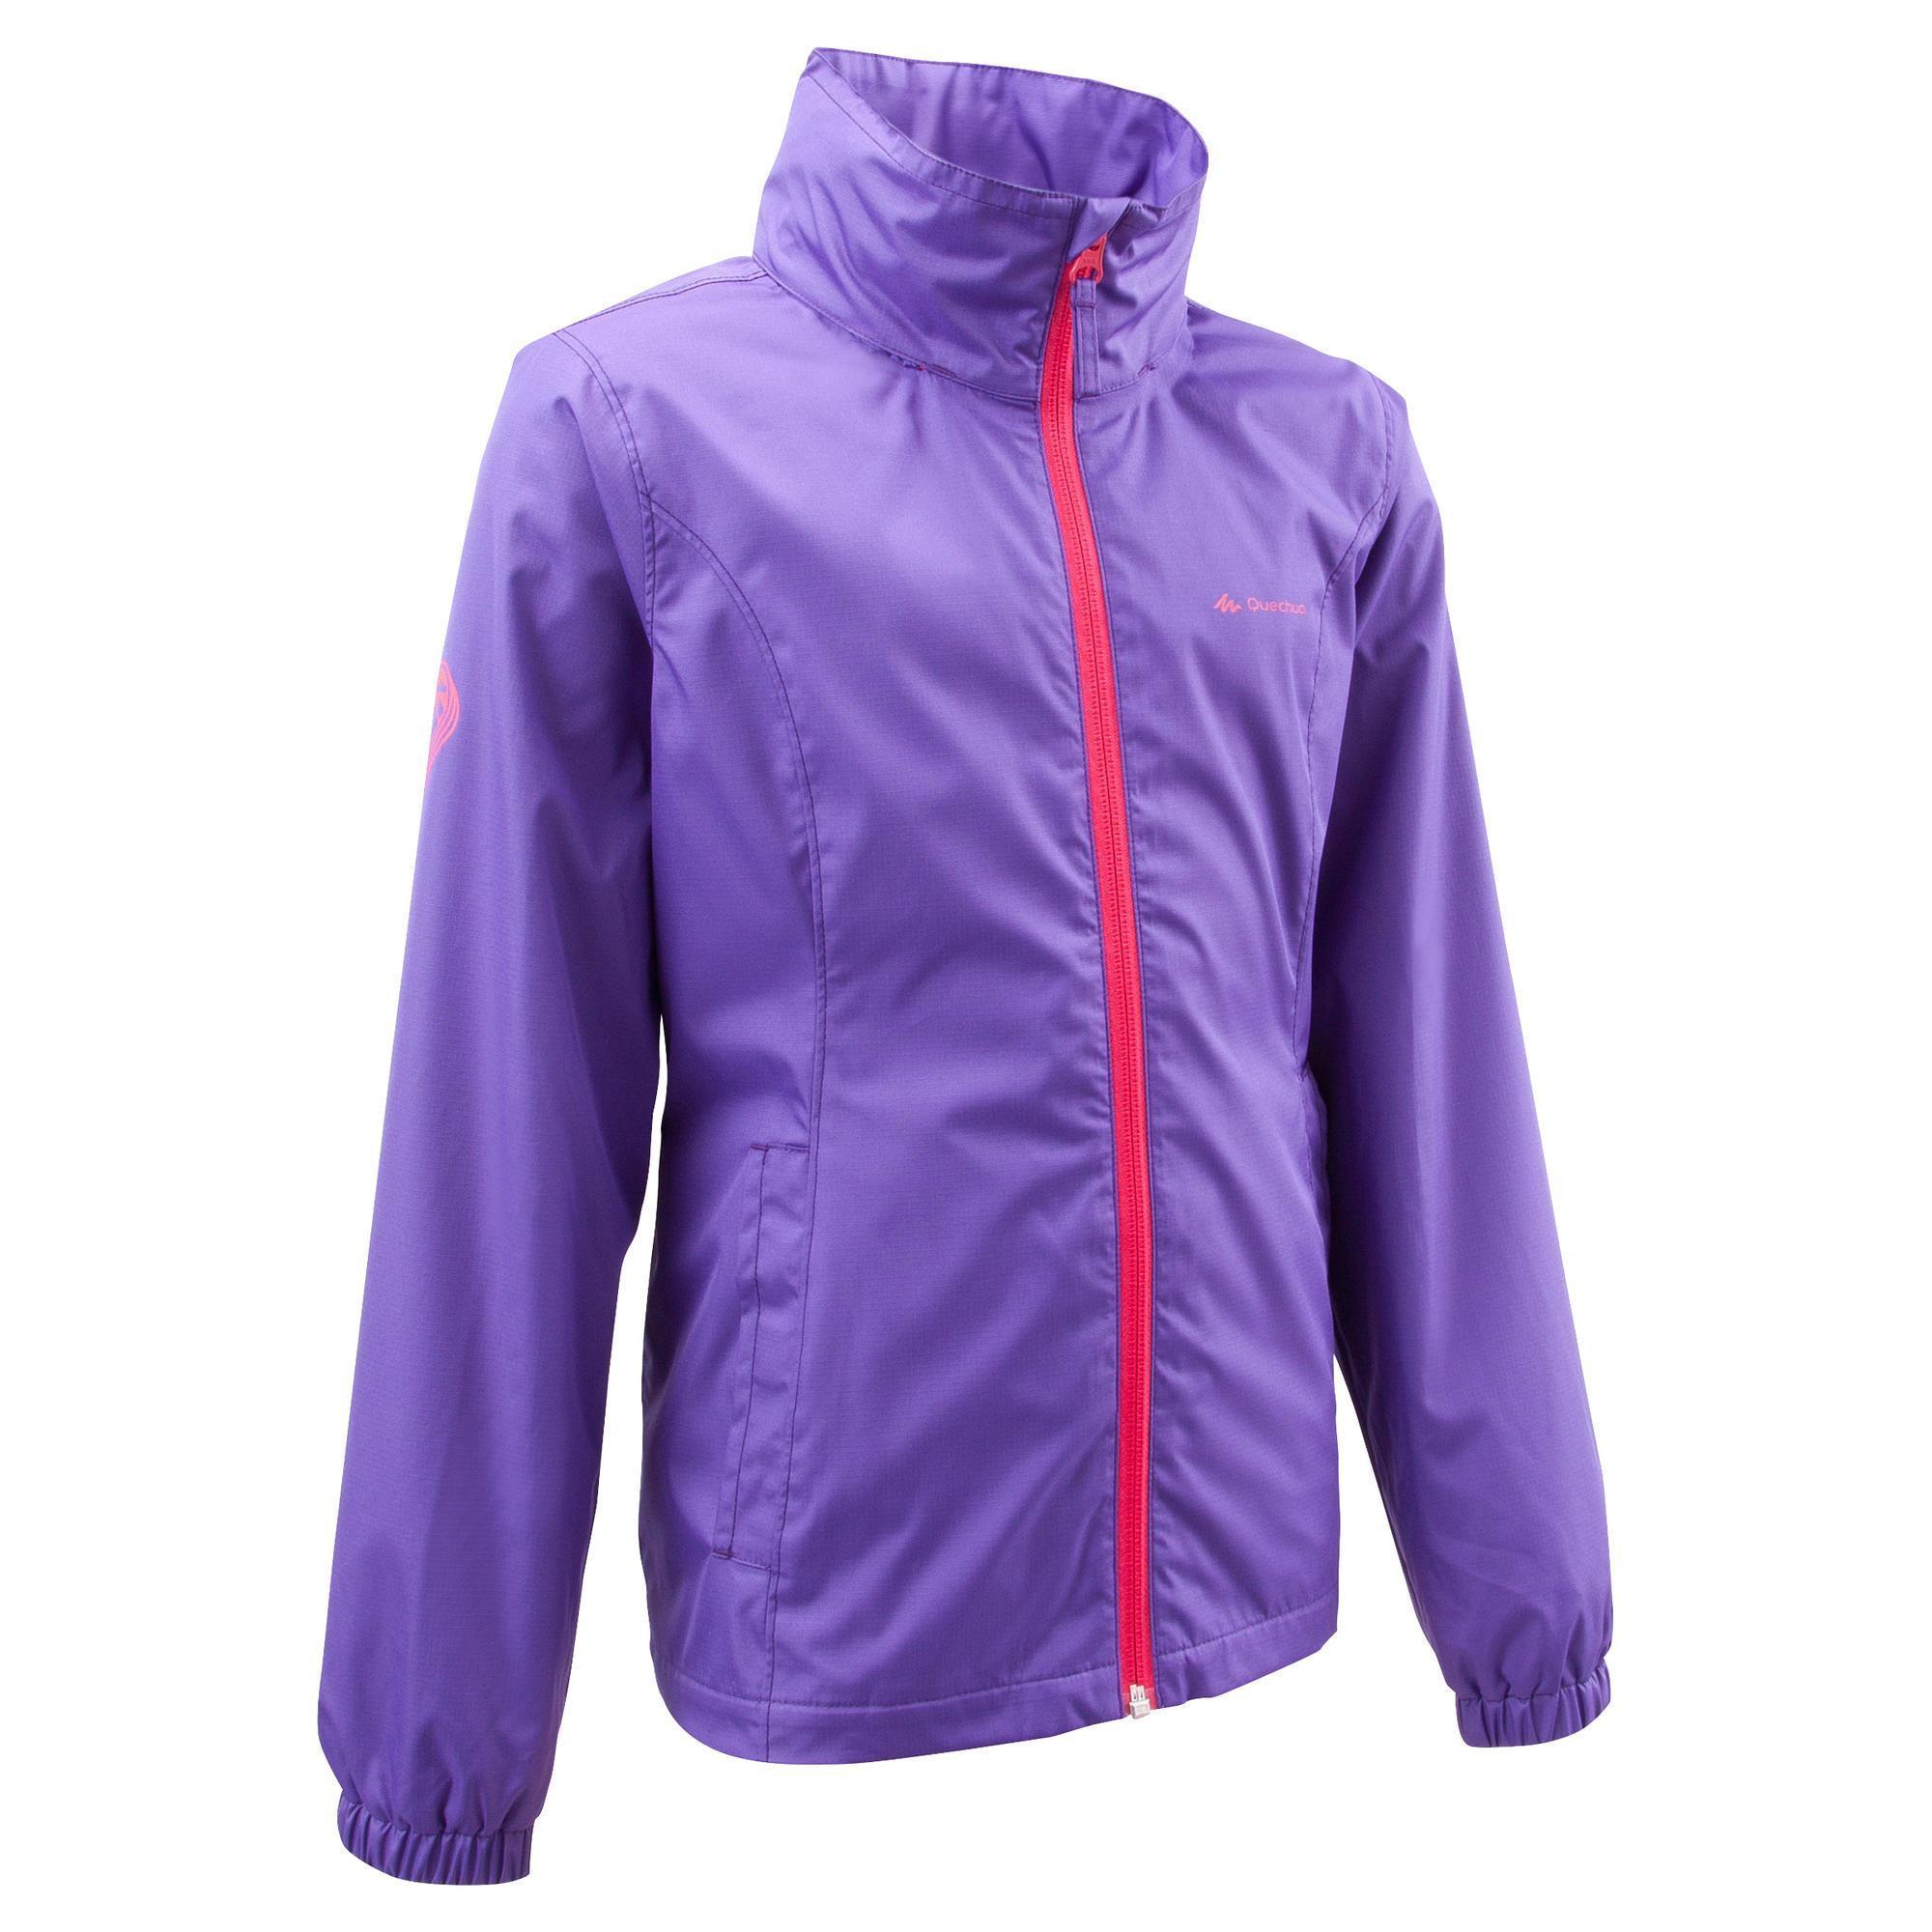 Veste arpenaz 500 light fille violet randonn e quechua - Draps jetables decathlon ...